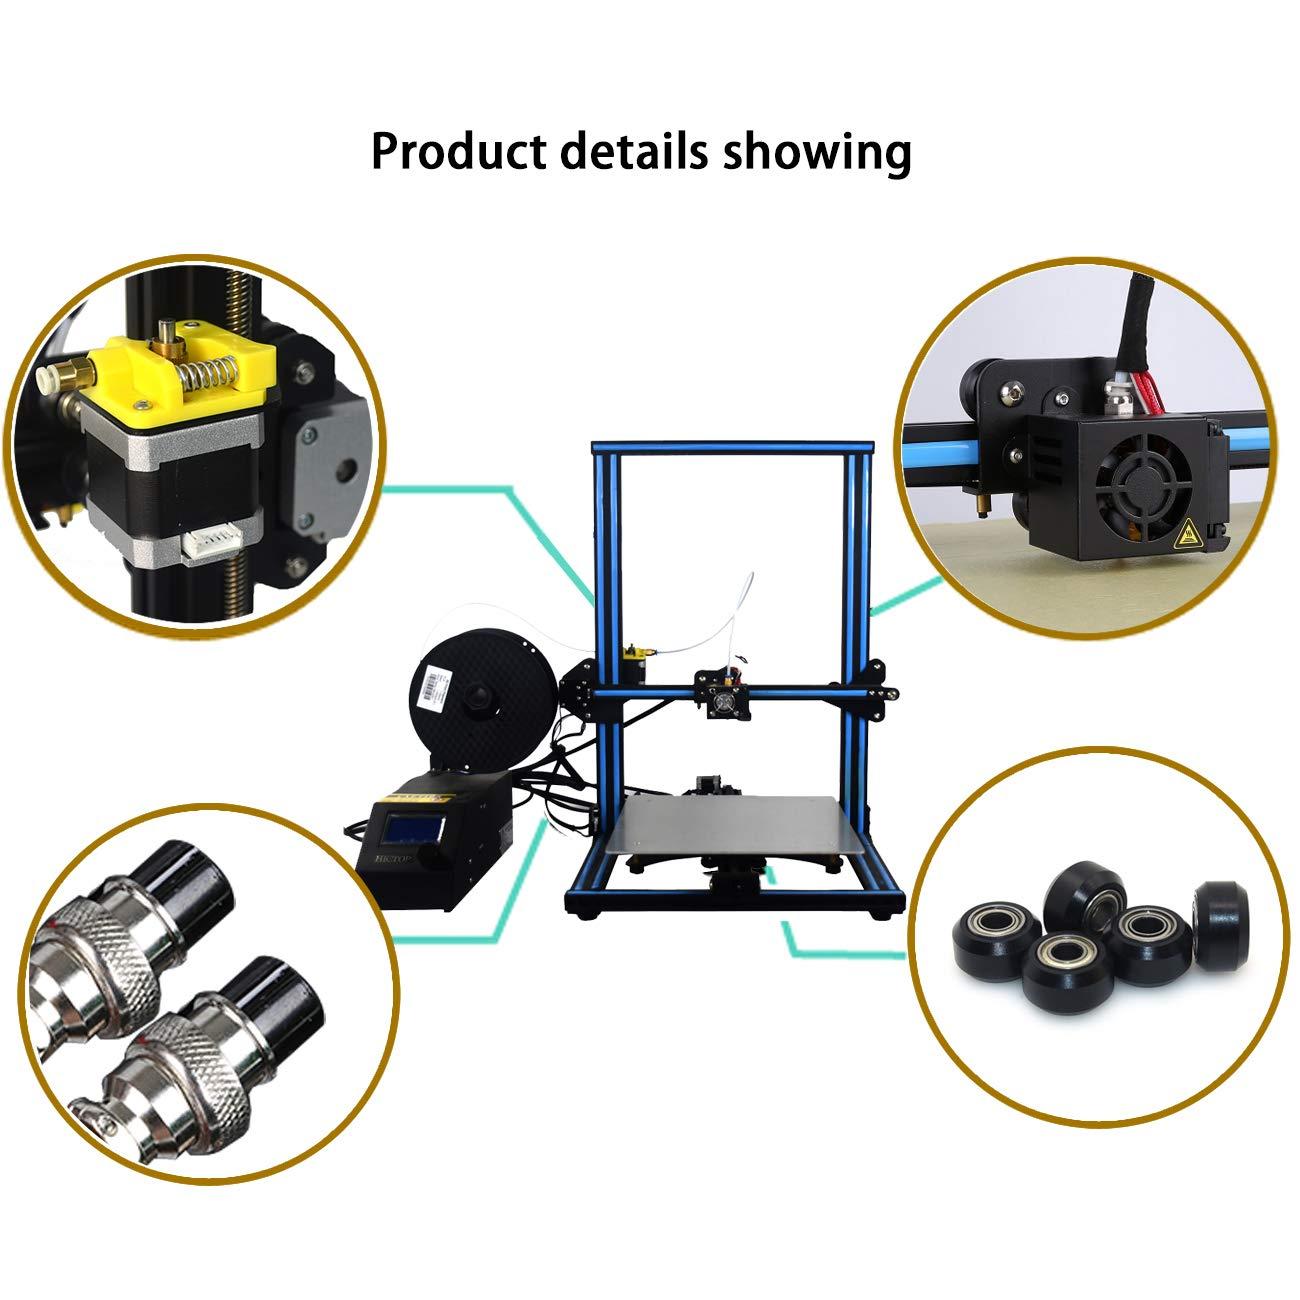 Creality 3D CR-10 Impresora 3D Prusa I3 DIY Kit de aluminio Tamaño ...